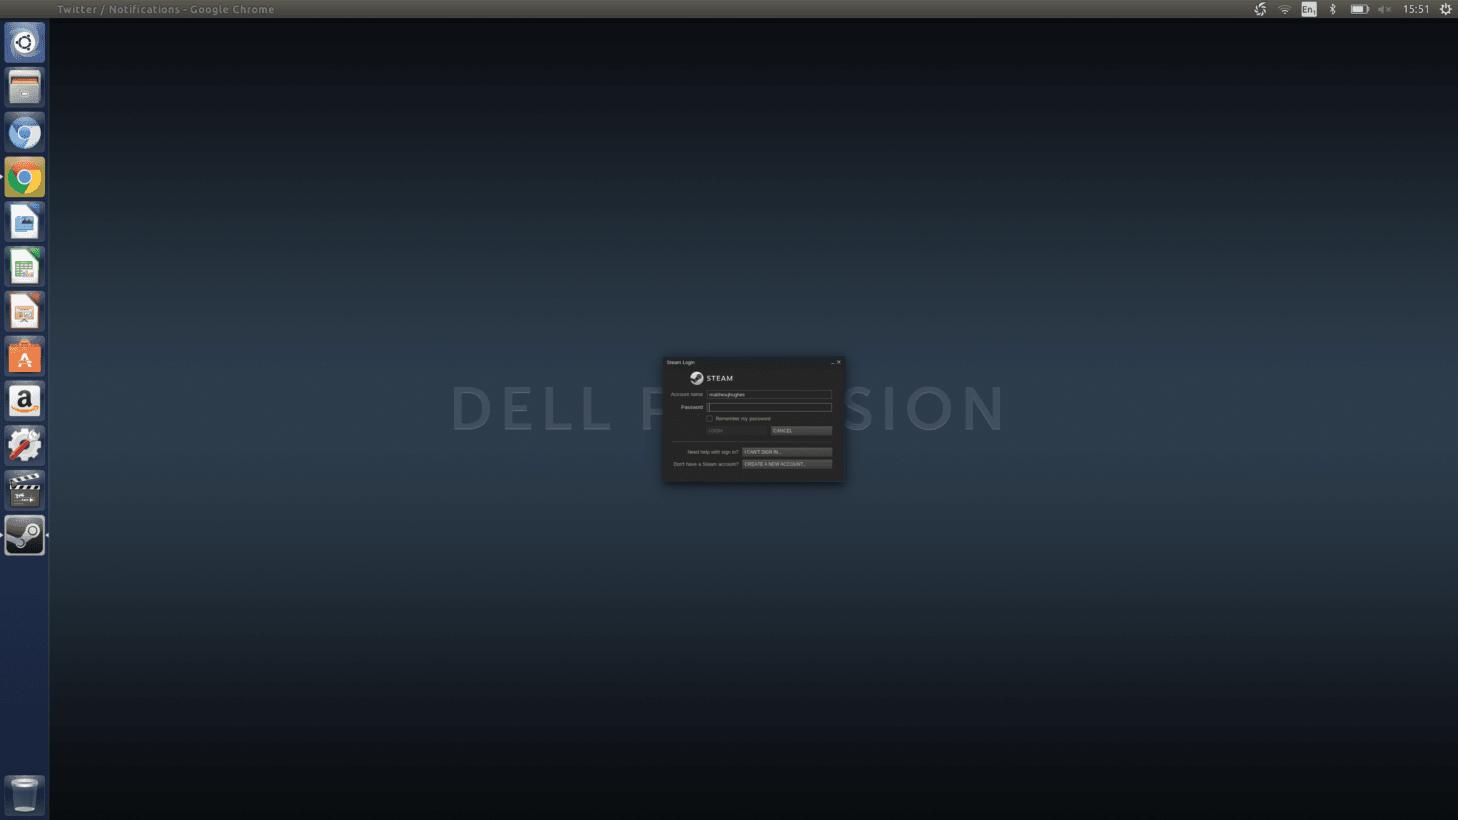 Dell Precision 5520 Developer Edition: An amazing Ubuntu